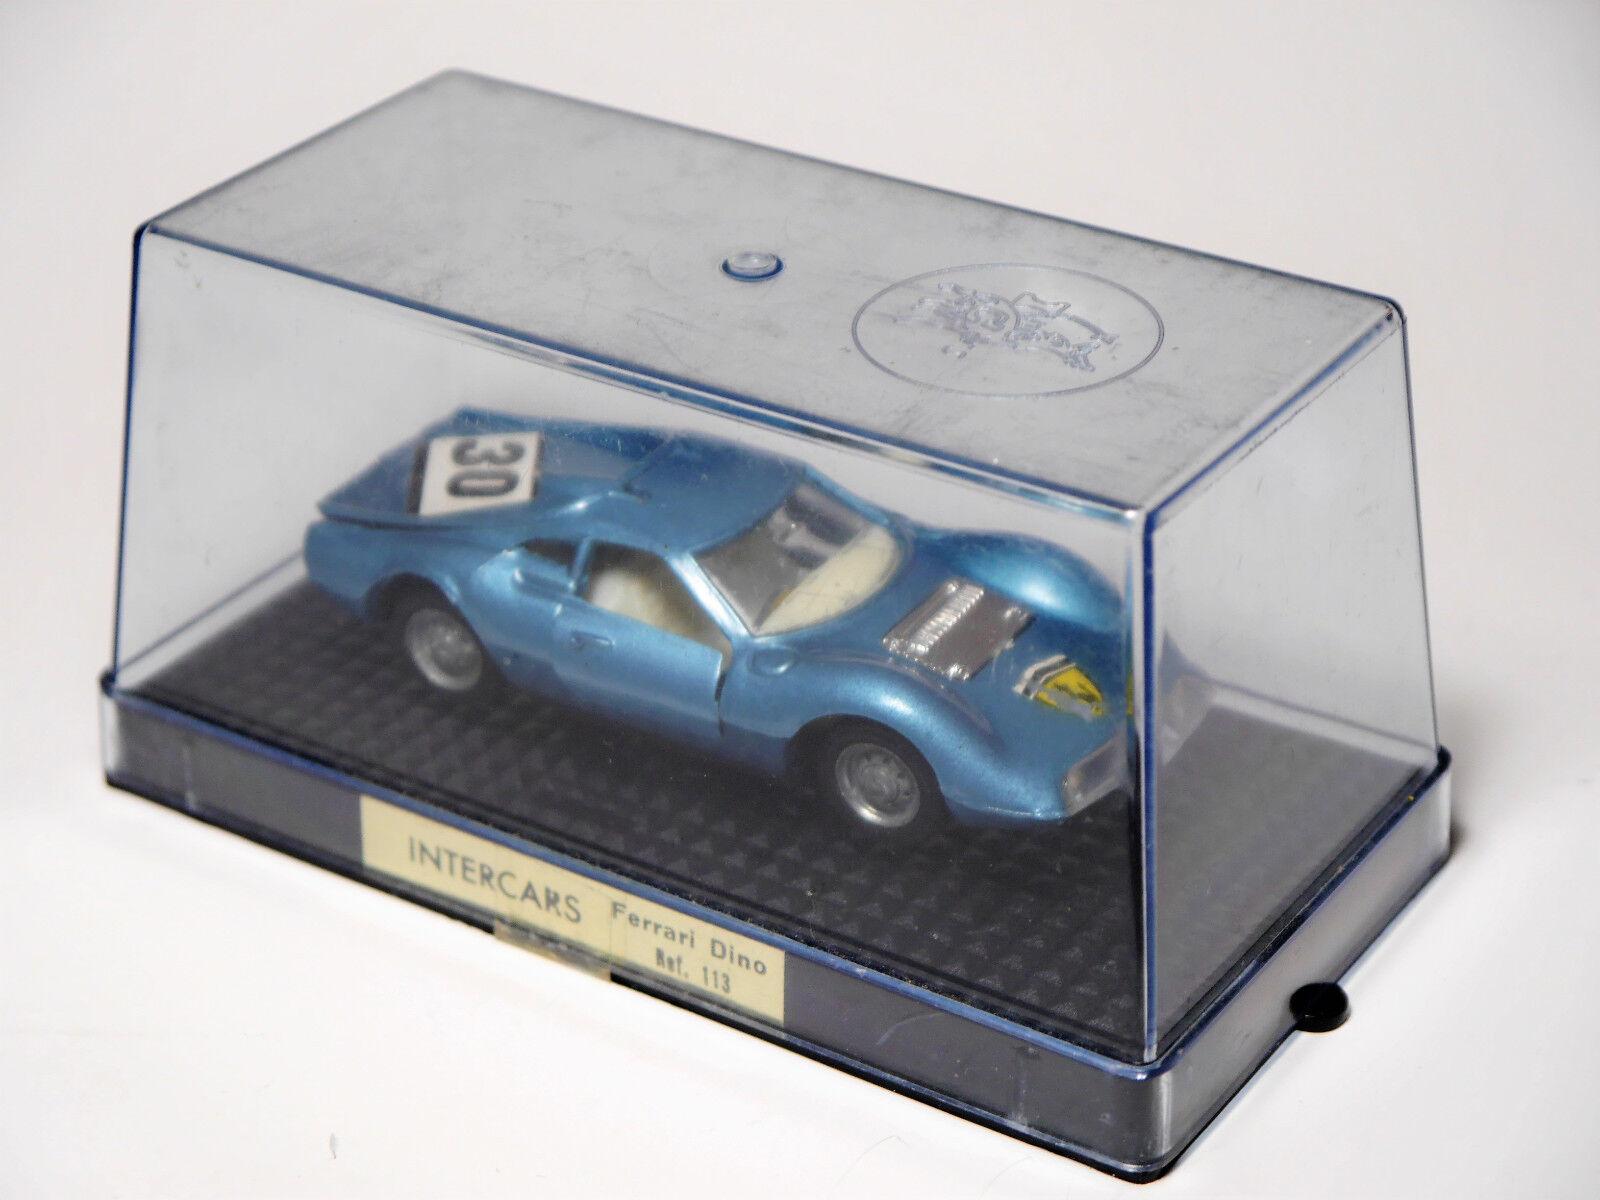 Ferrari Dino en Bleu Bleu bleu bleu Metallic  30 Nacoral intercars 113 1 43 en Boîte